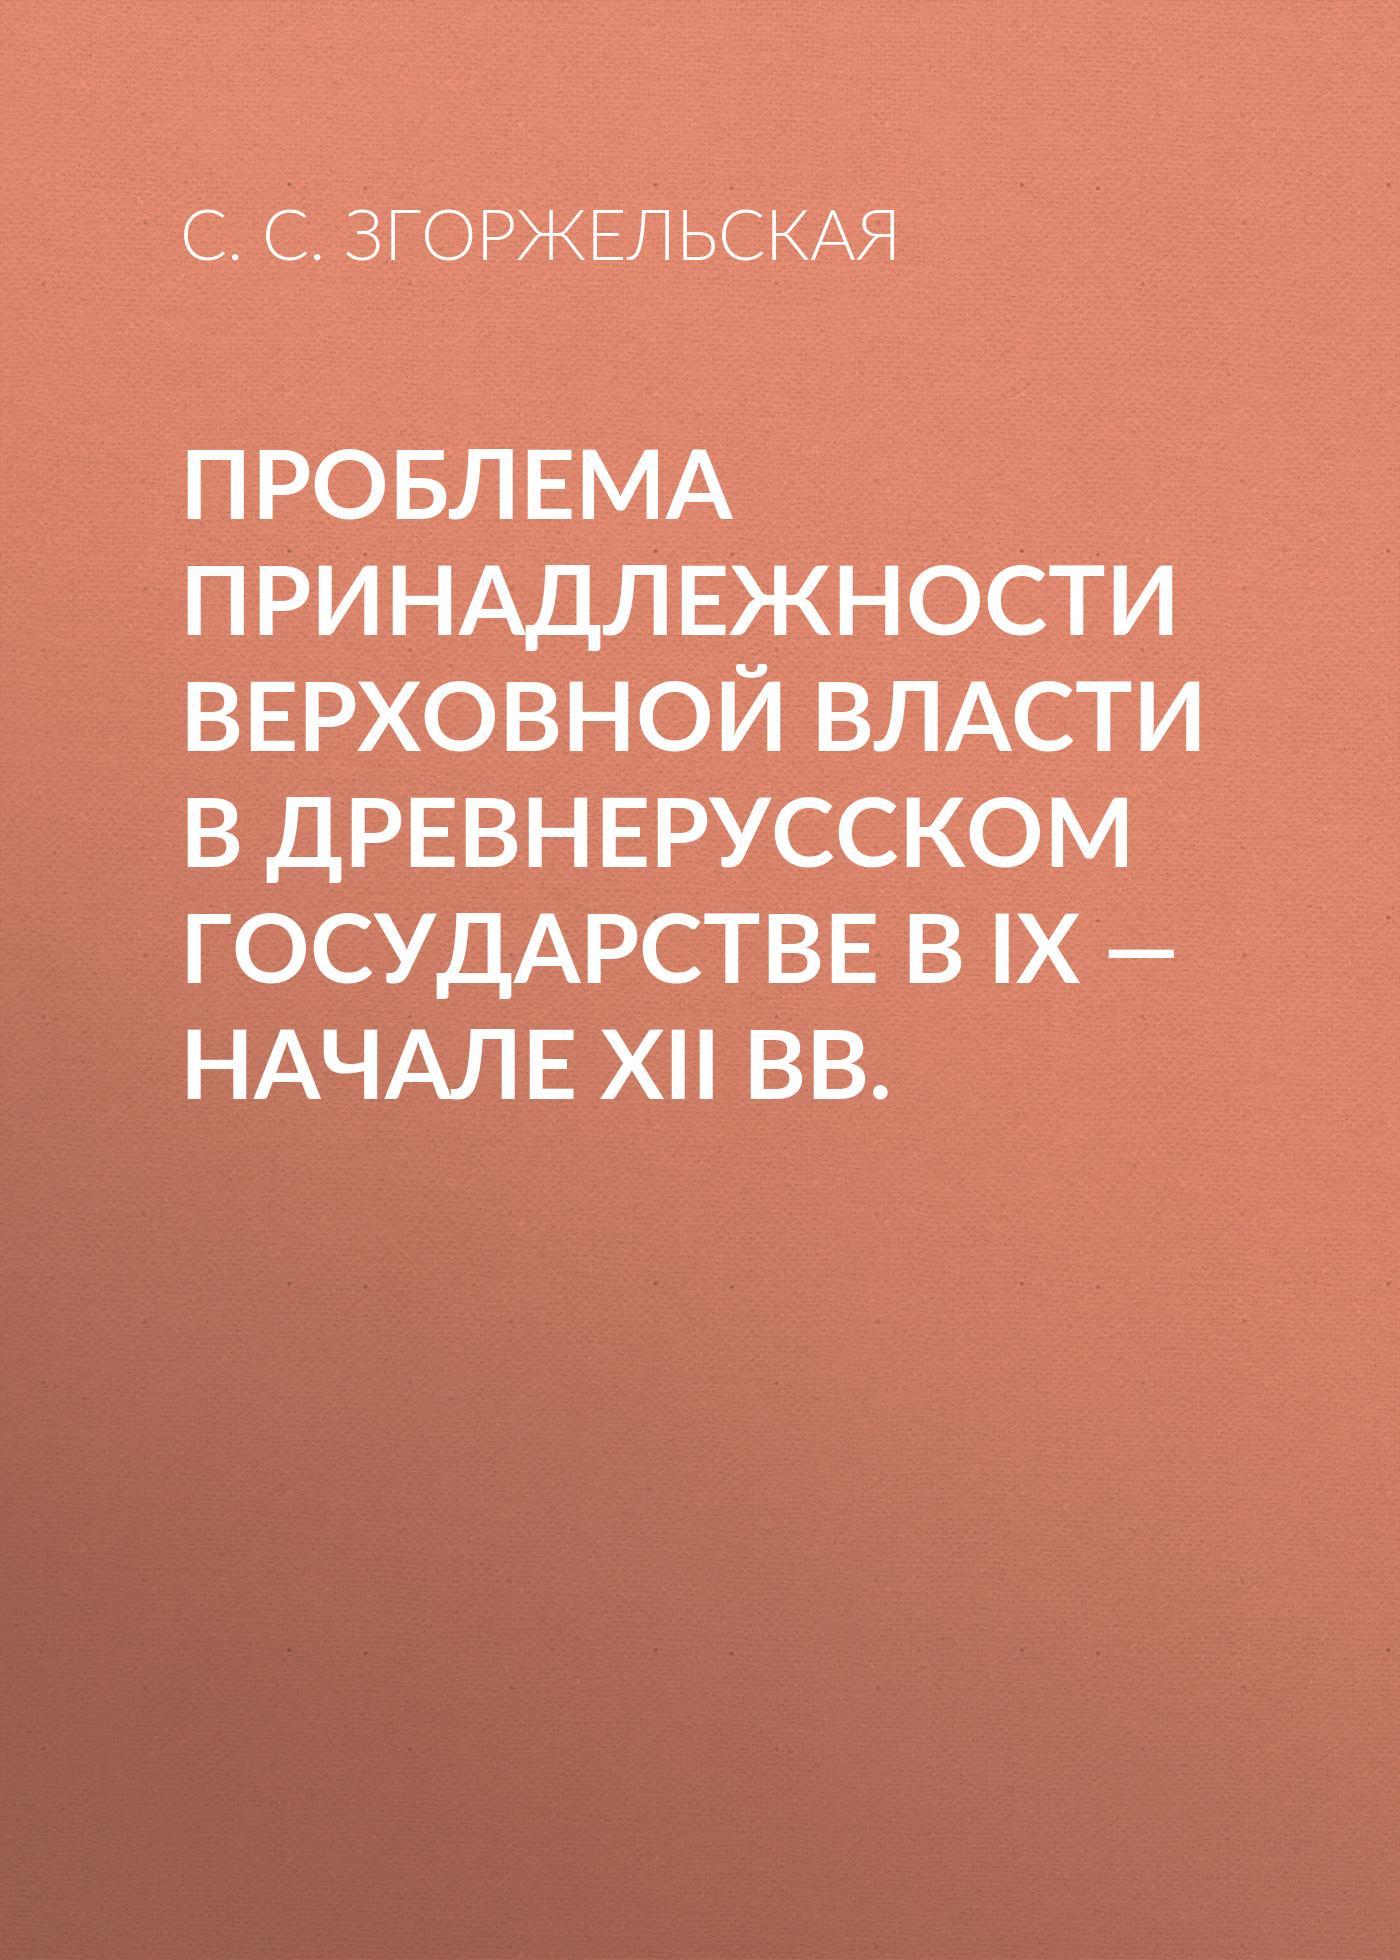 купить С. С. Згоржельская Проблема принадлежности верховной власти в Древнерусском государстве в IX – начале XII вв. по цене 150 рублей